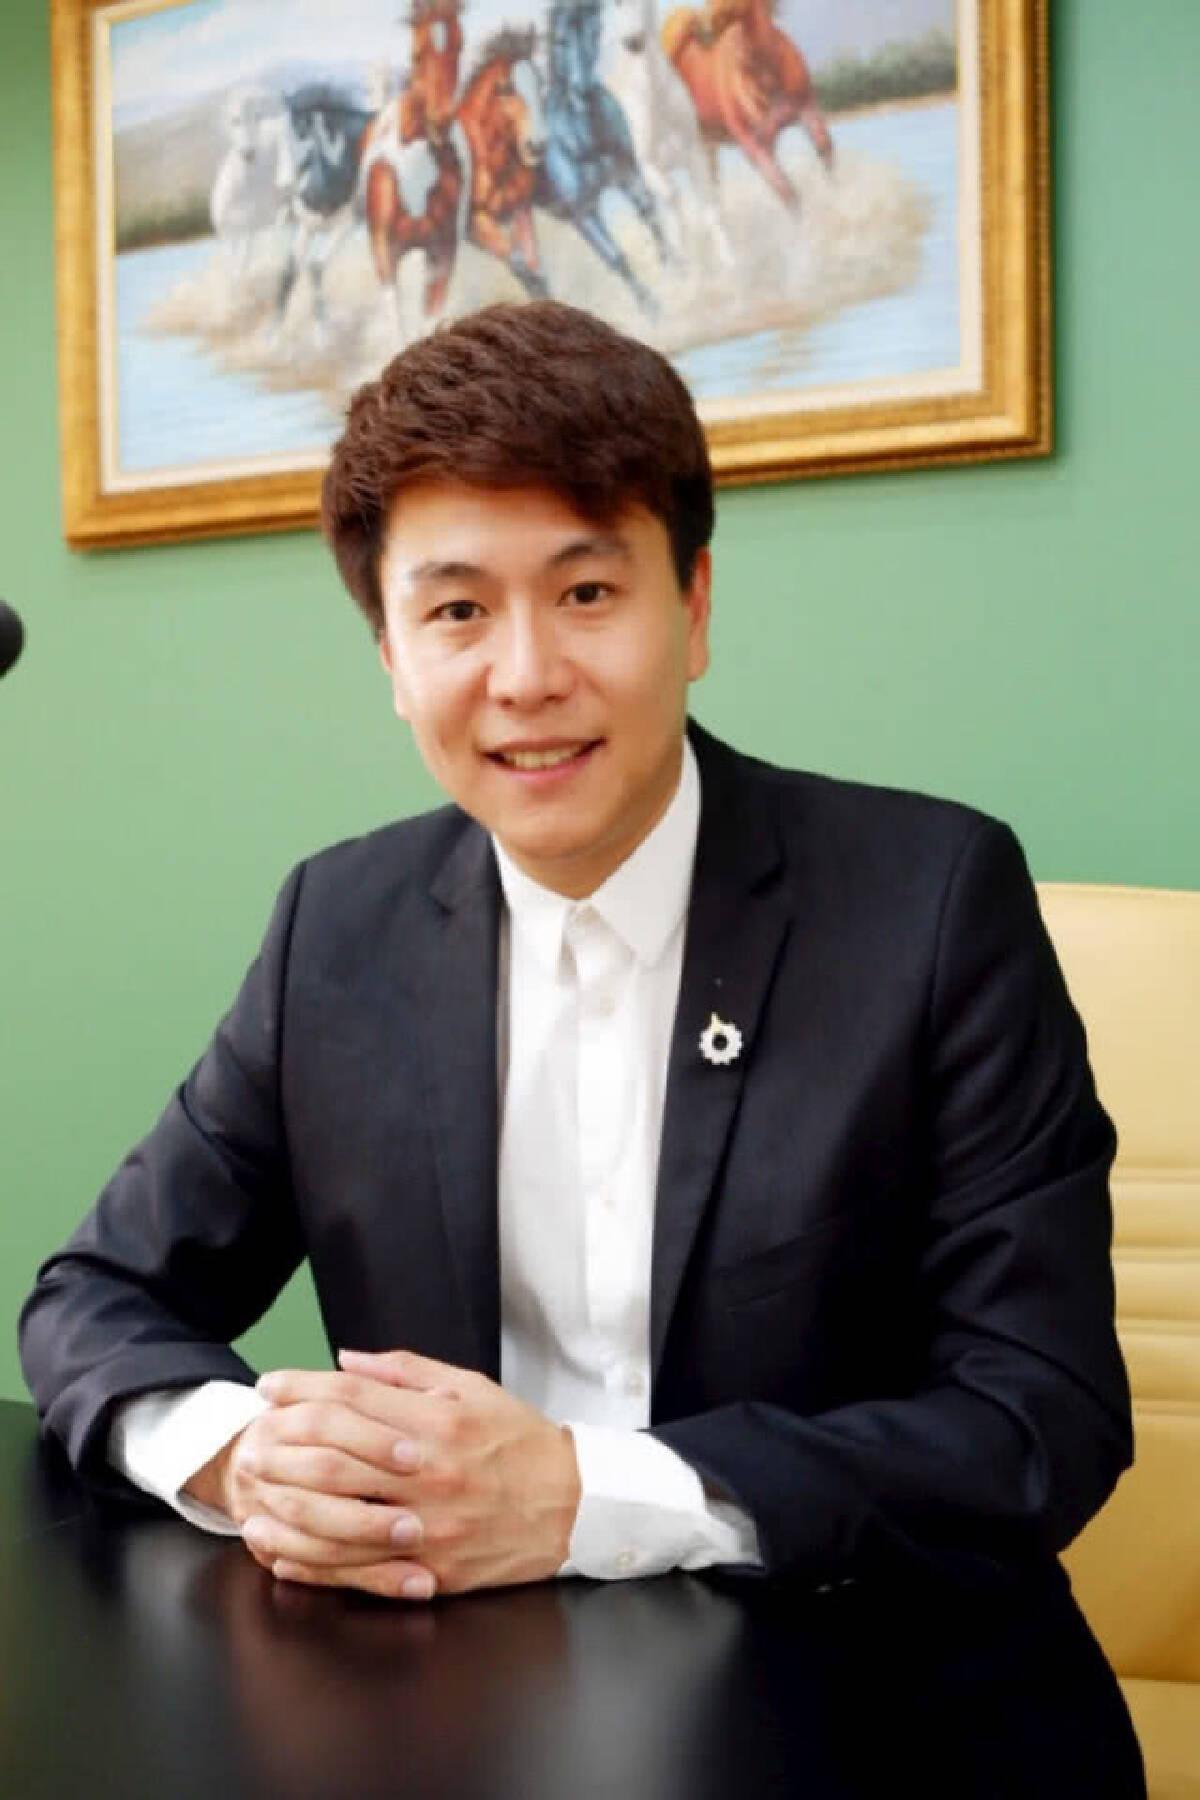 ม.รังสิต เผยผลงานวิจัย พบลงทุนหุ้นHealthcare IPOในไทย ผลตอบแทนดีสุดในอาเซียน